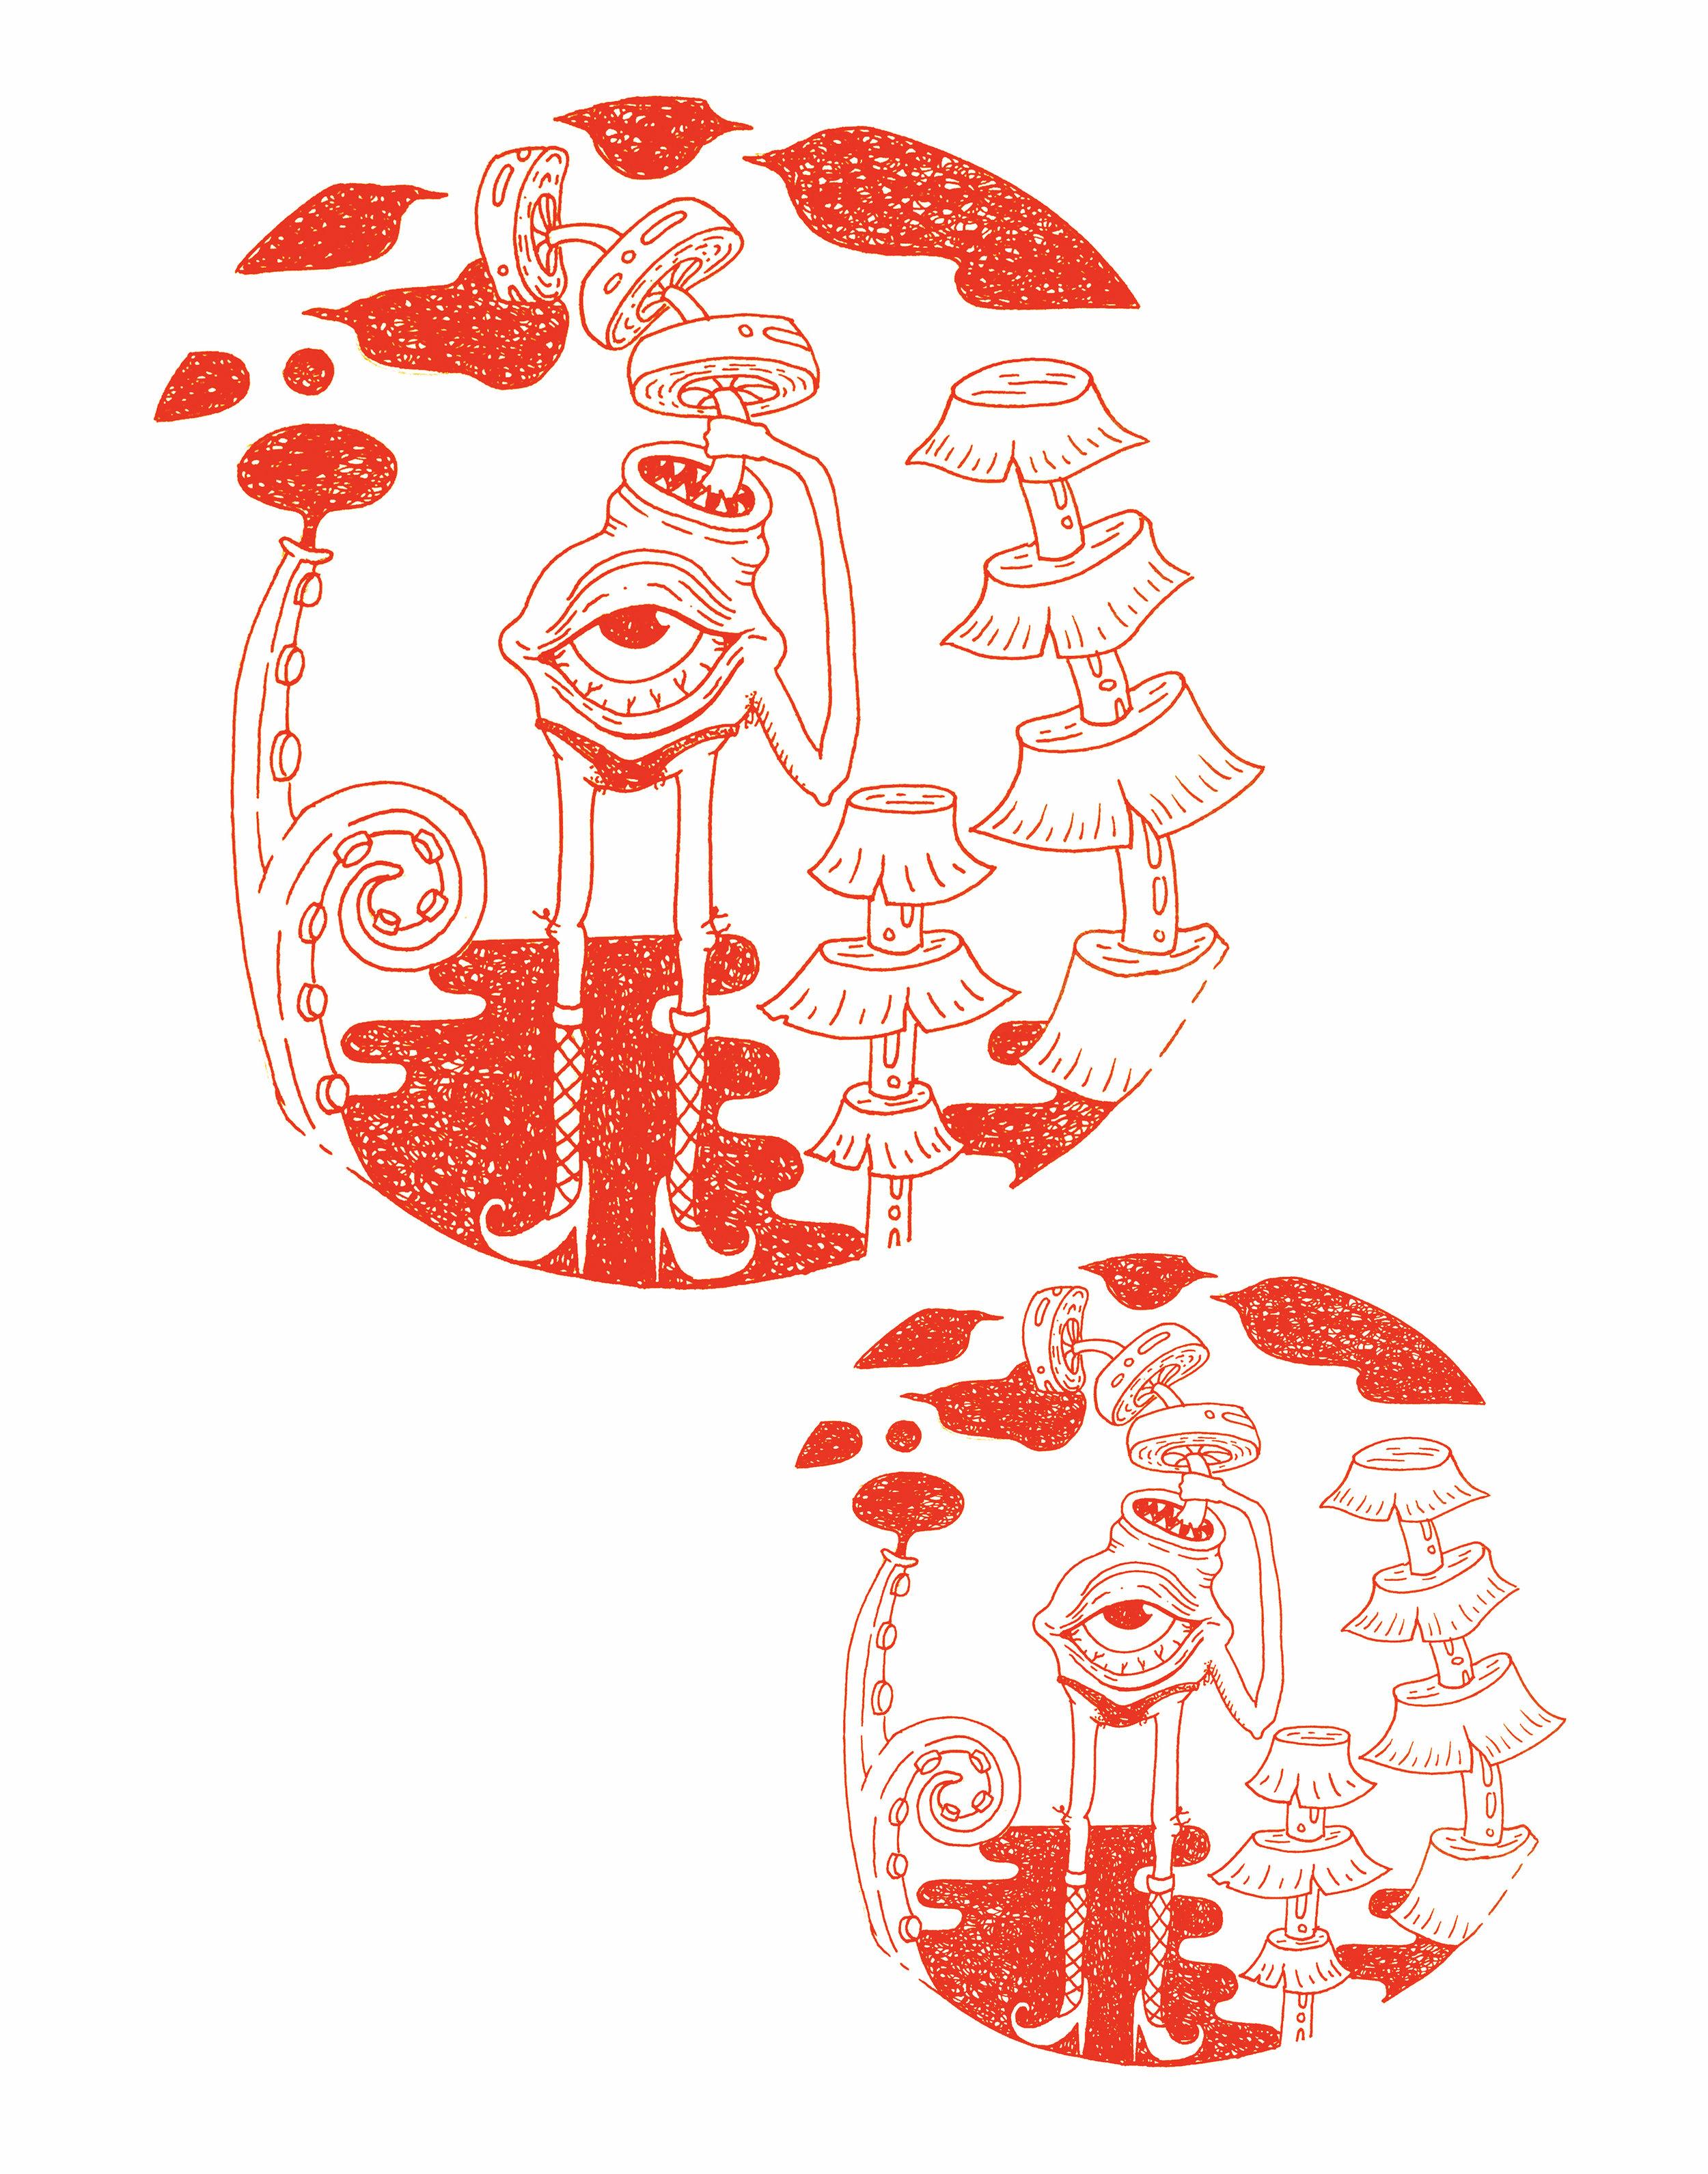 DD_Illustration3.jpg